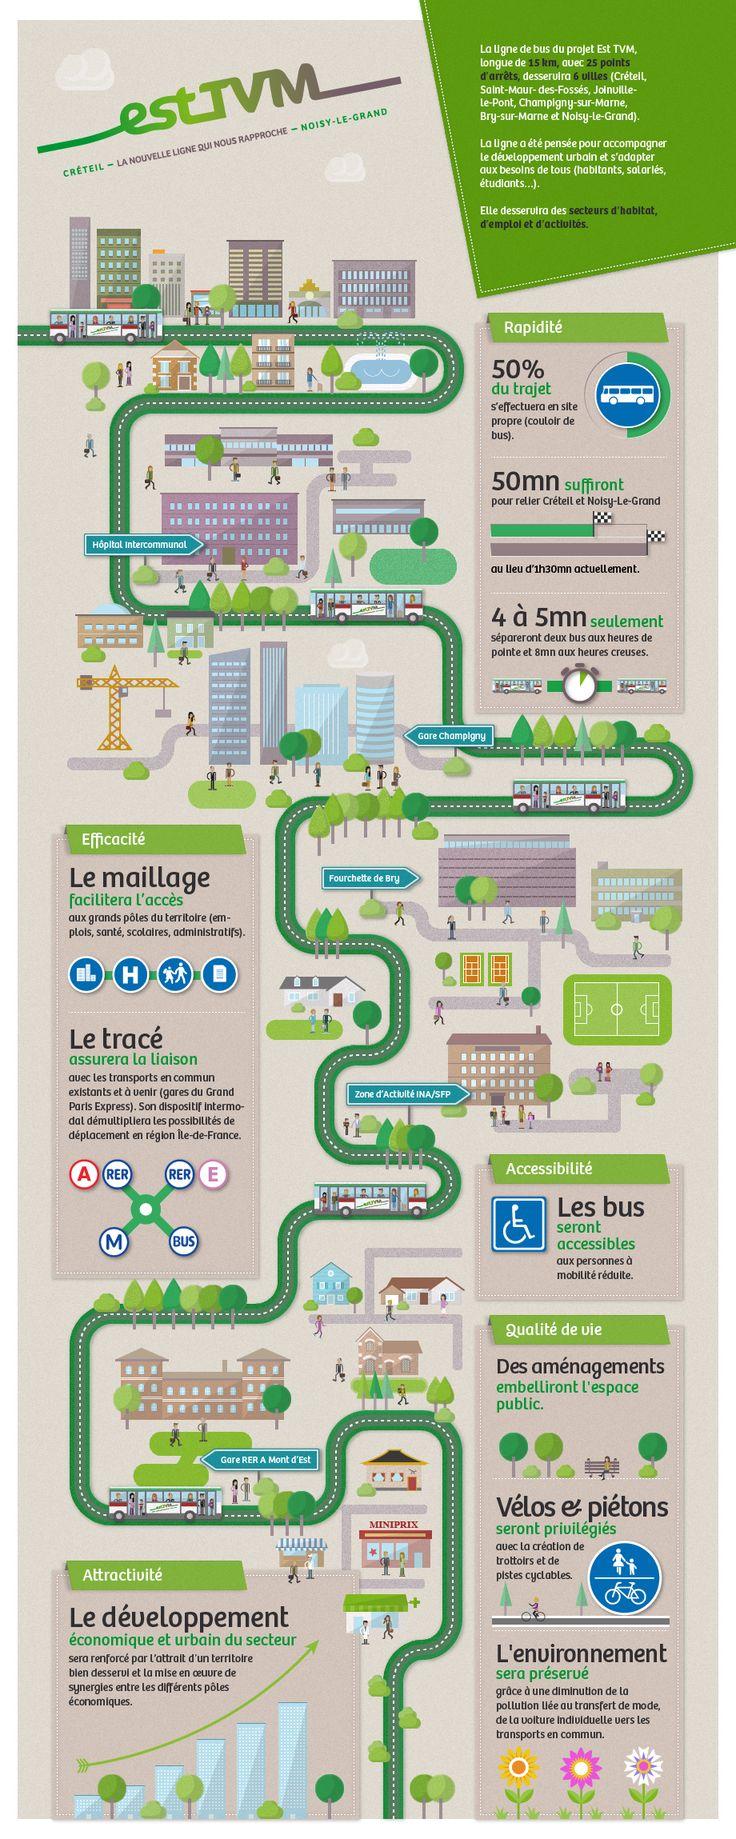 Nice infography